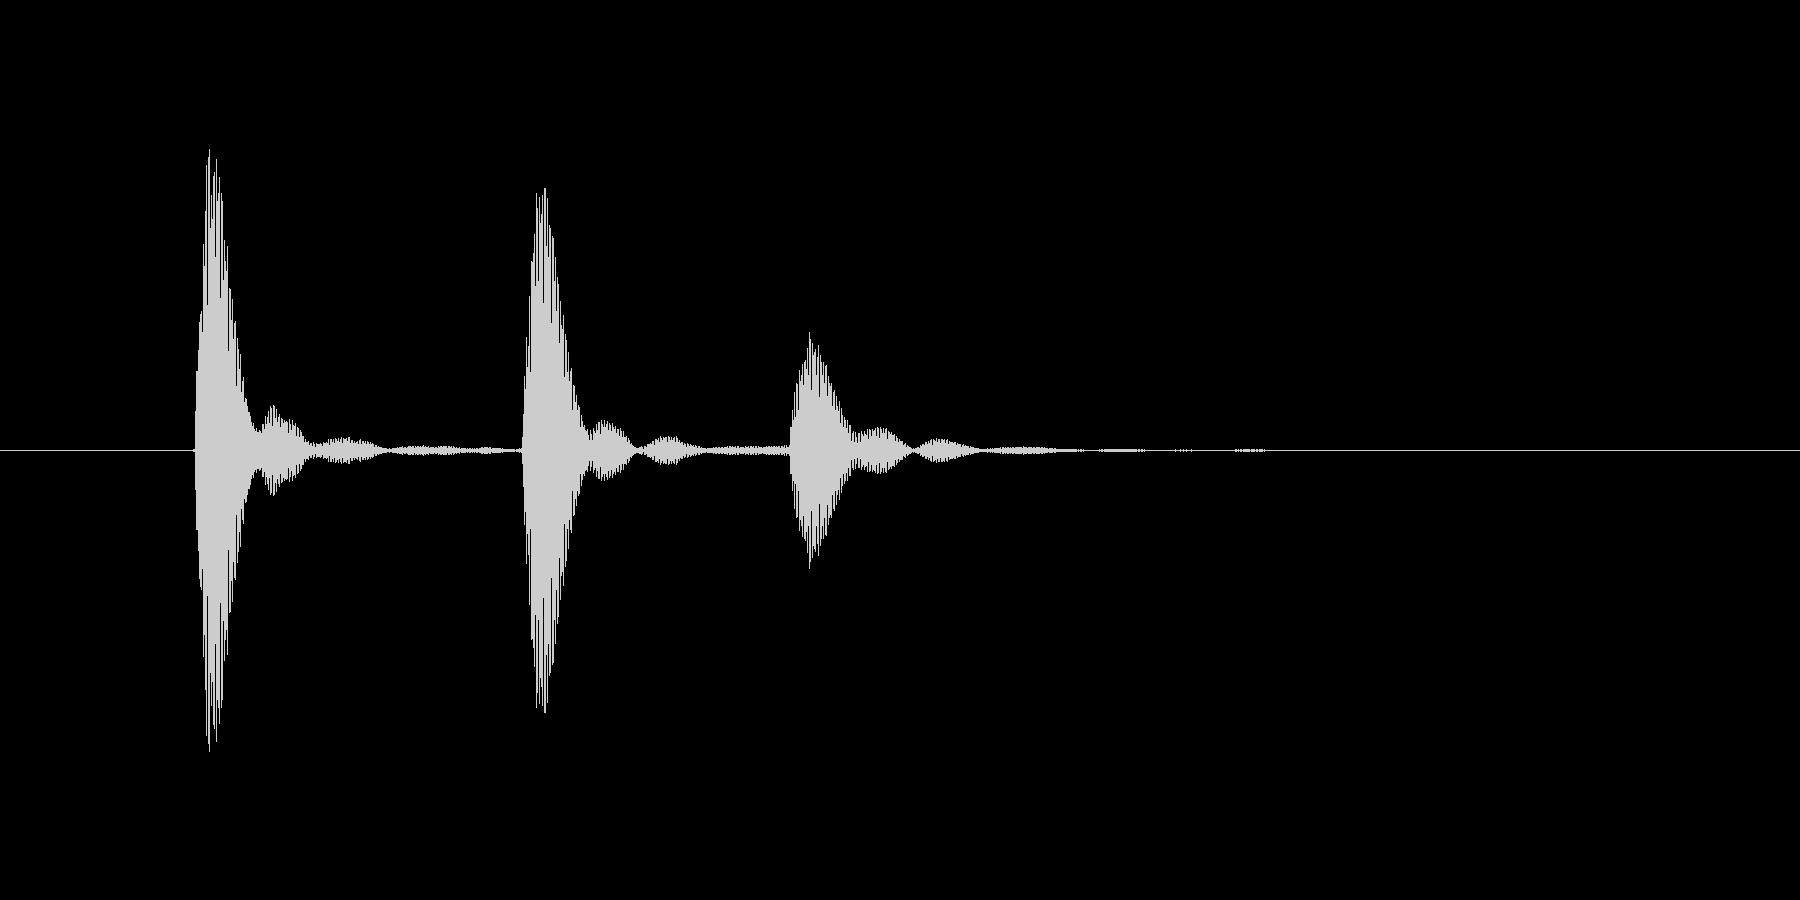 コココッ(カウベル、キャンセル)の未再生の波形